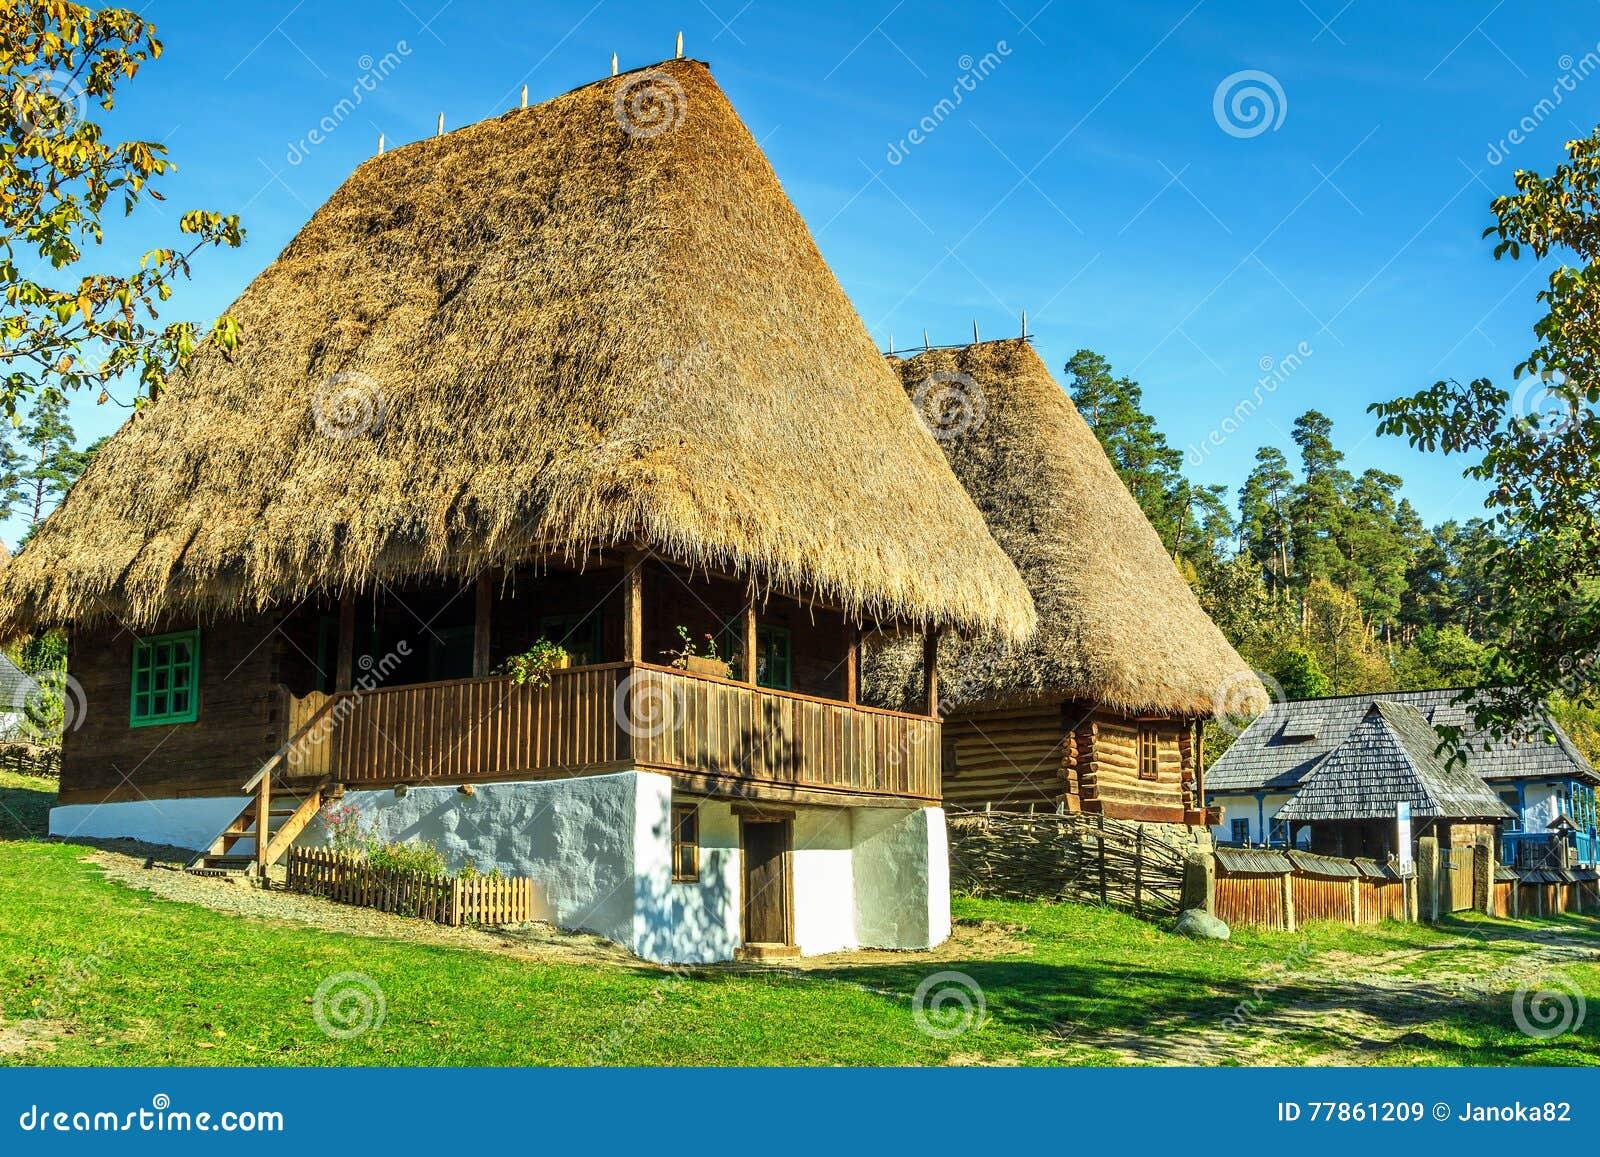 传统农民房子,阿斯特拉民族志学村庄博物馆,锡比乌,罗马尼亚,欧洲